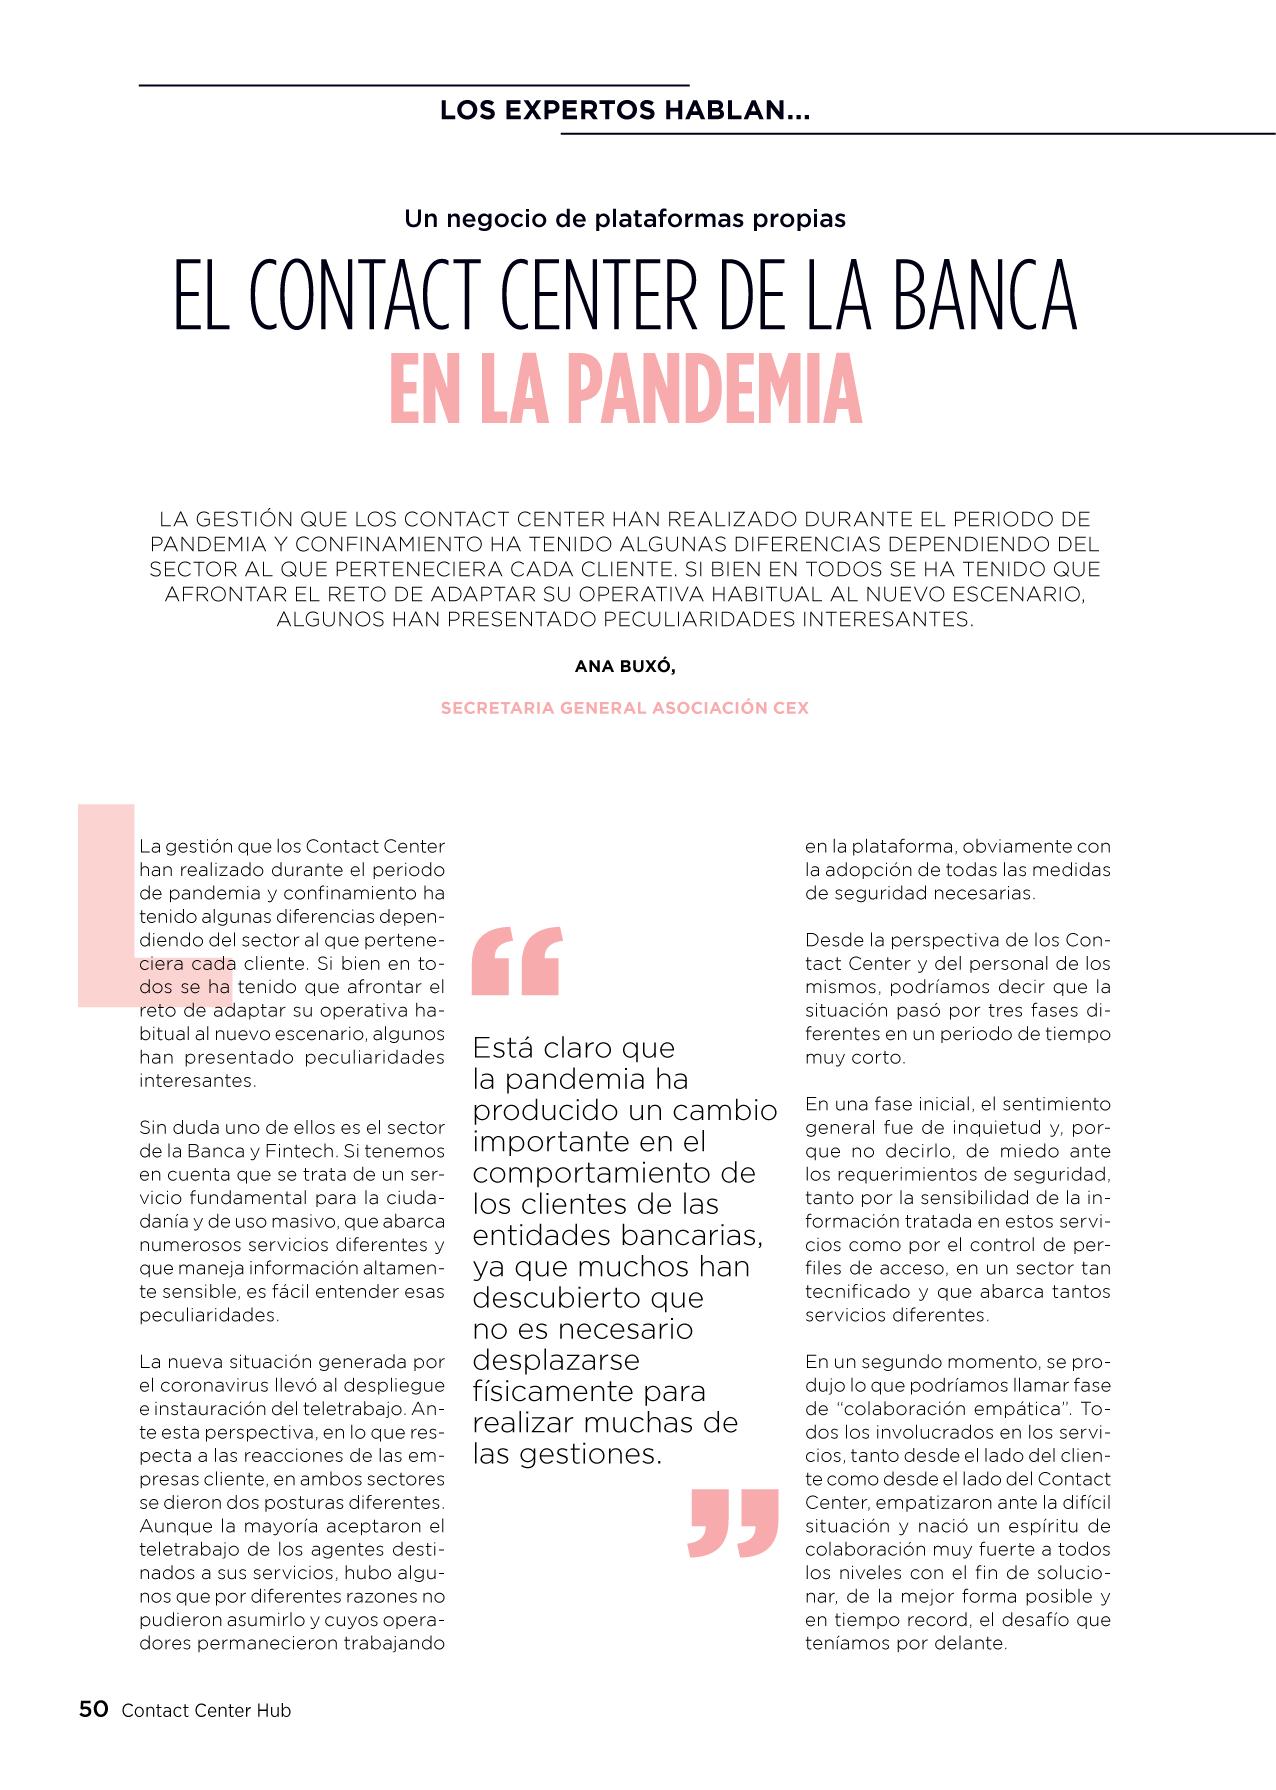 CEX en Contact Center Hub